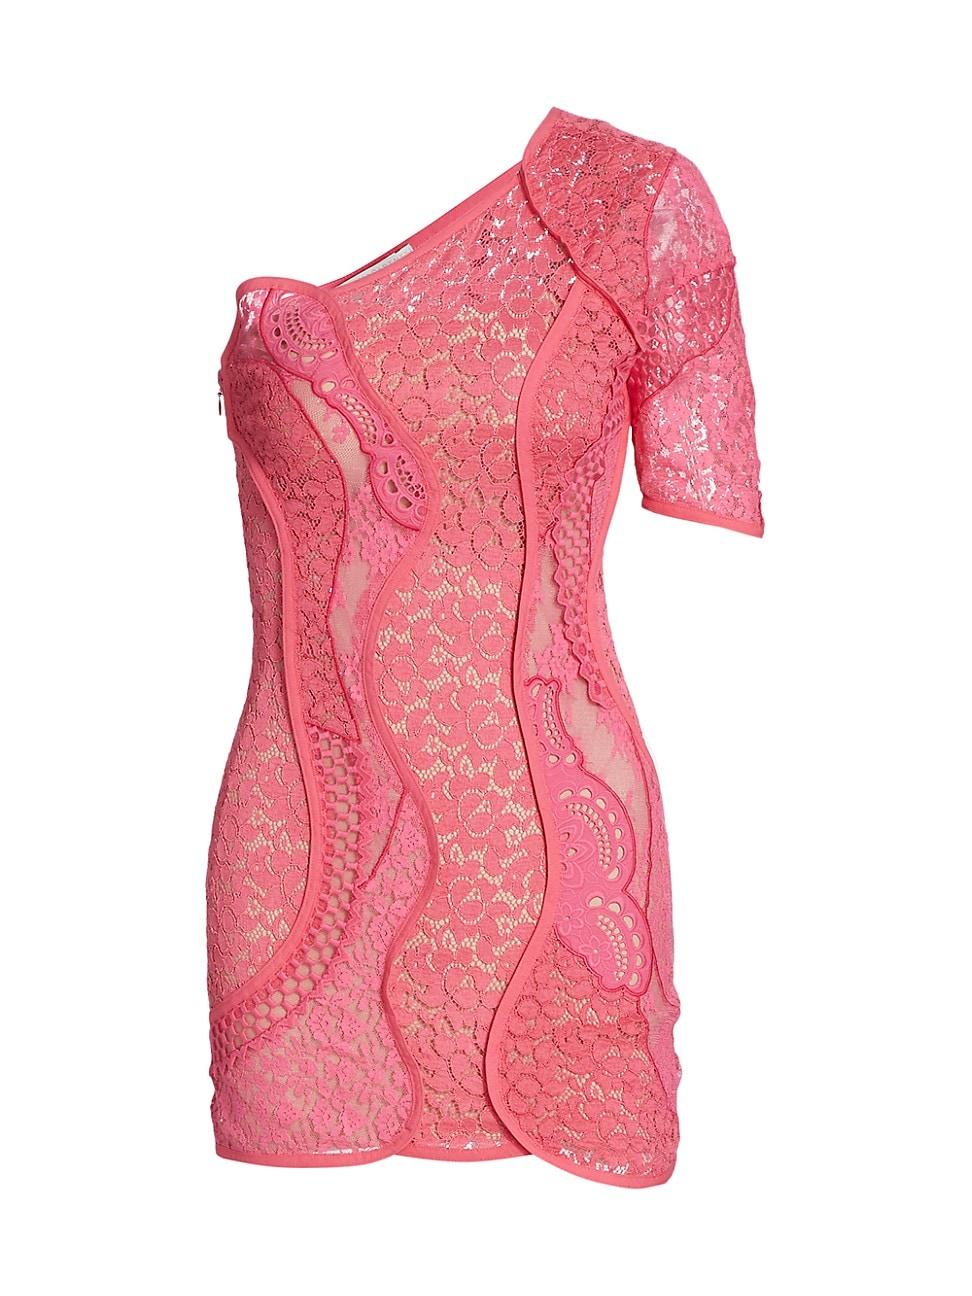 Stella Mccartney WOMEN'S DANIELA LACE ONE-SHOULDER DRESS